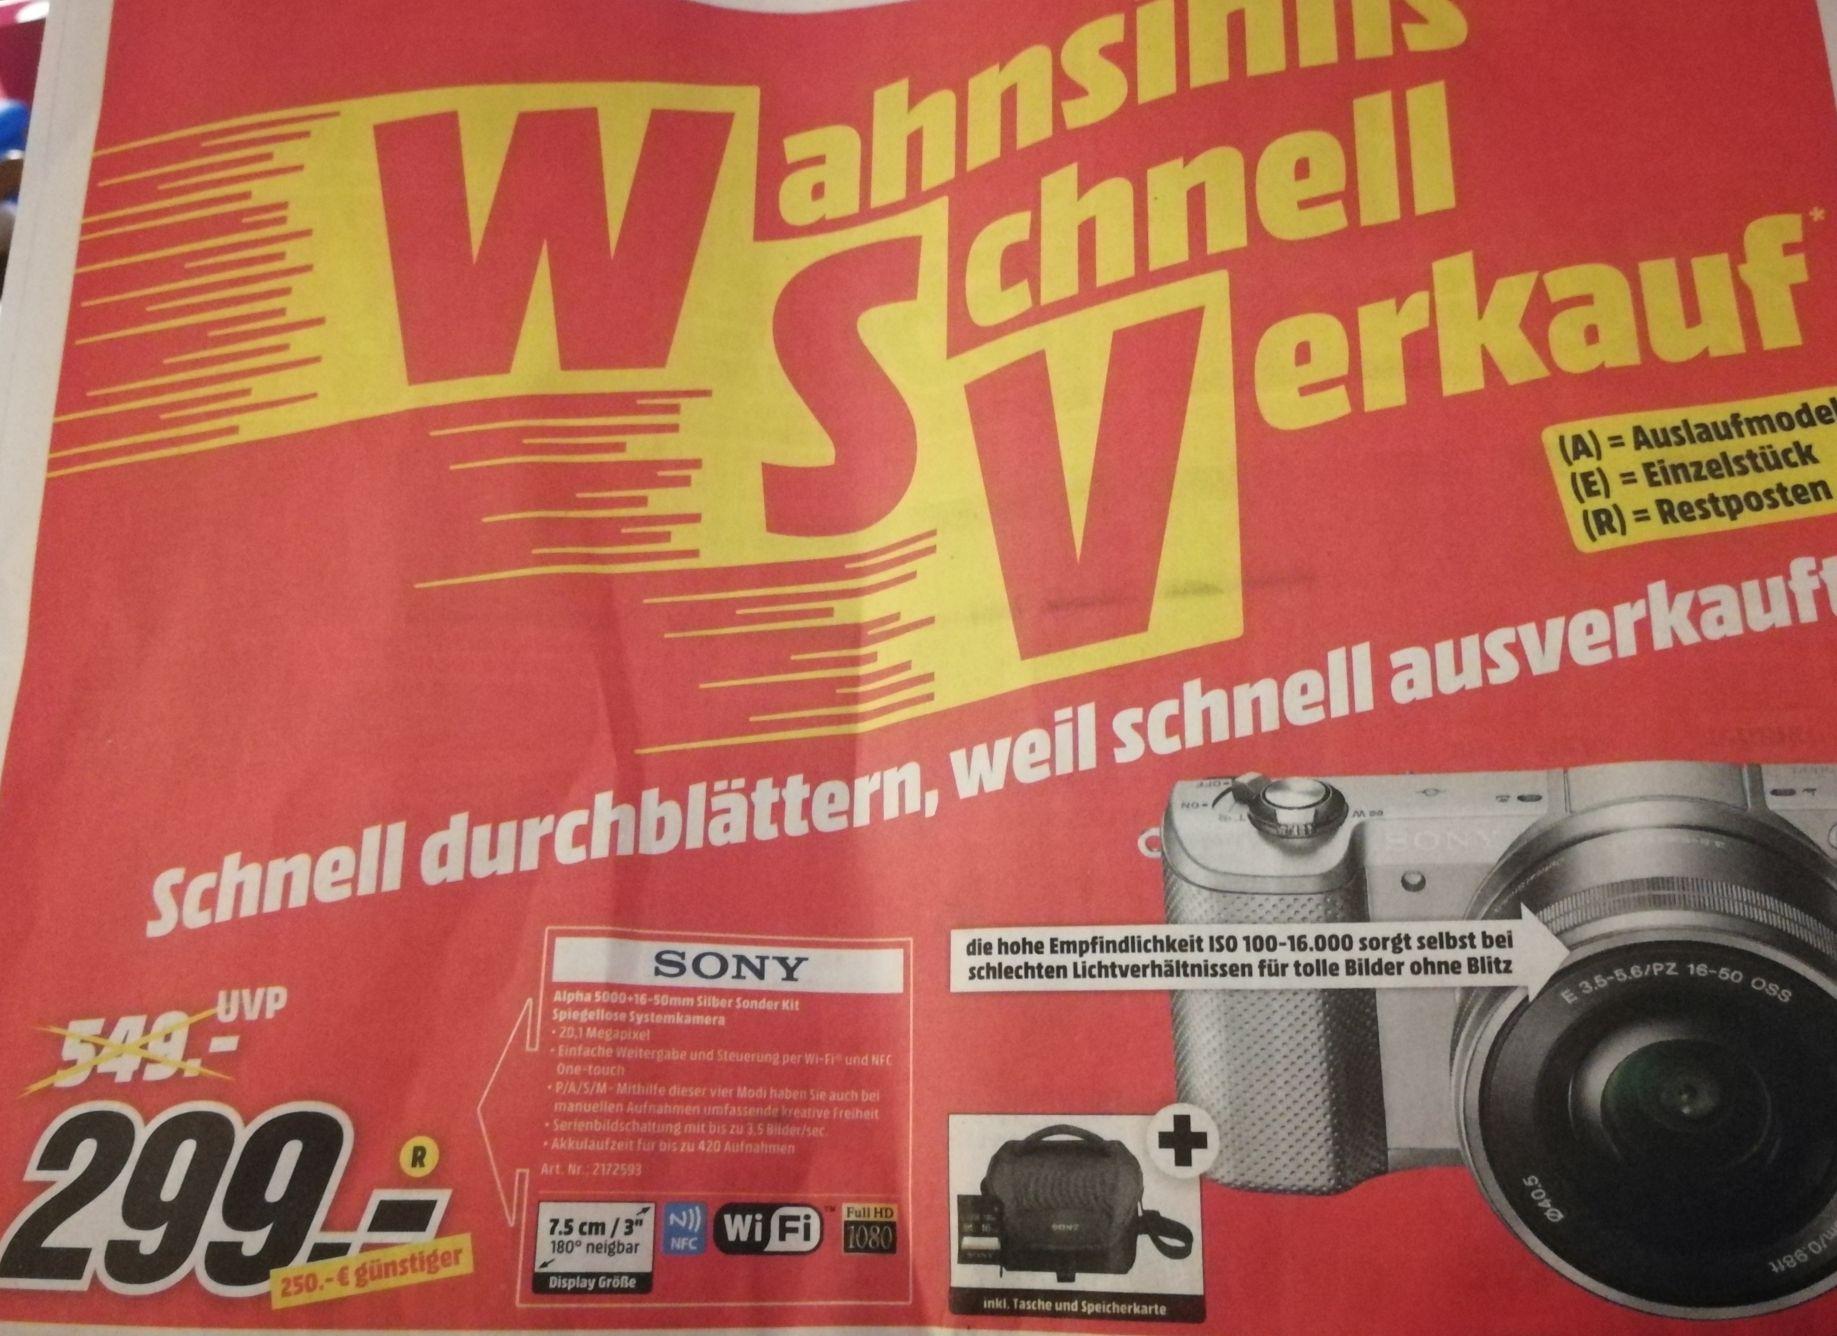 Sony Alpha 5000Kit 16-50 mm silber inkl. Tasche und Speicherkarte, lokal in Heilbronn, Restposten